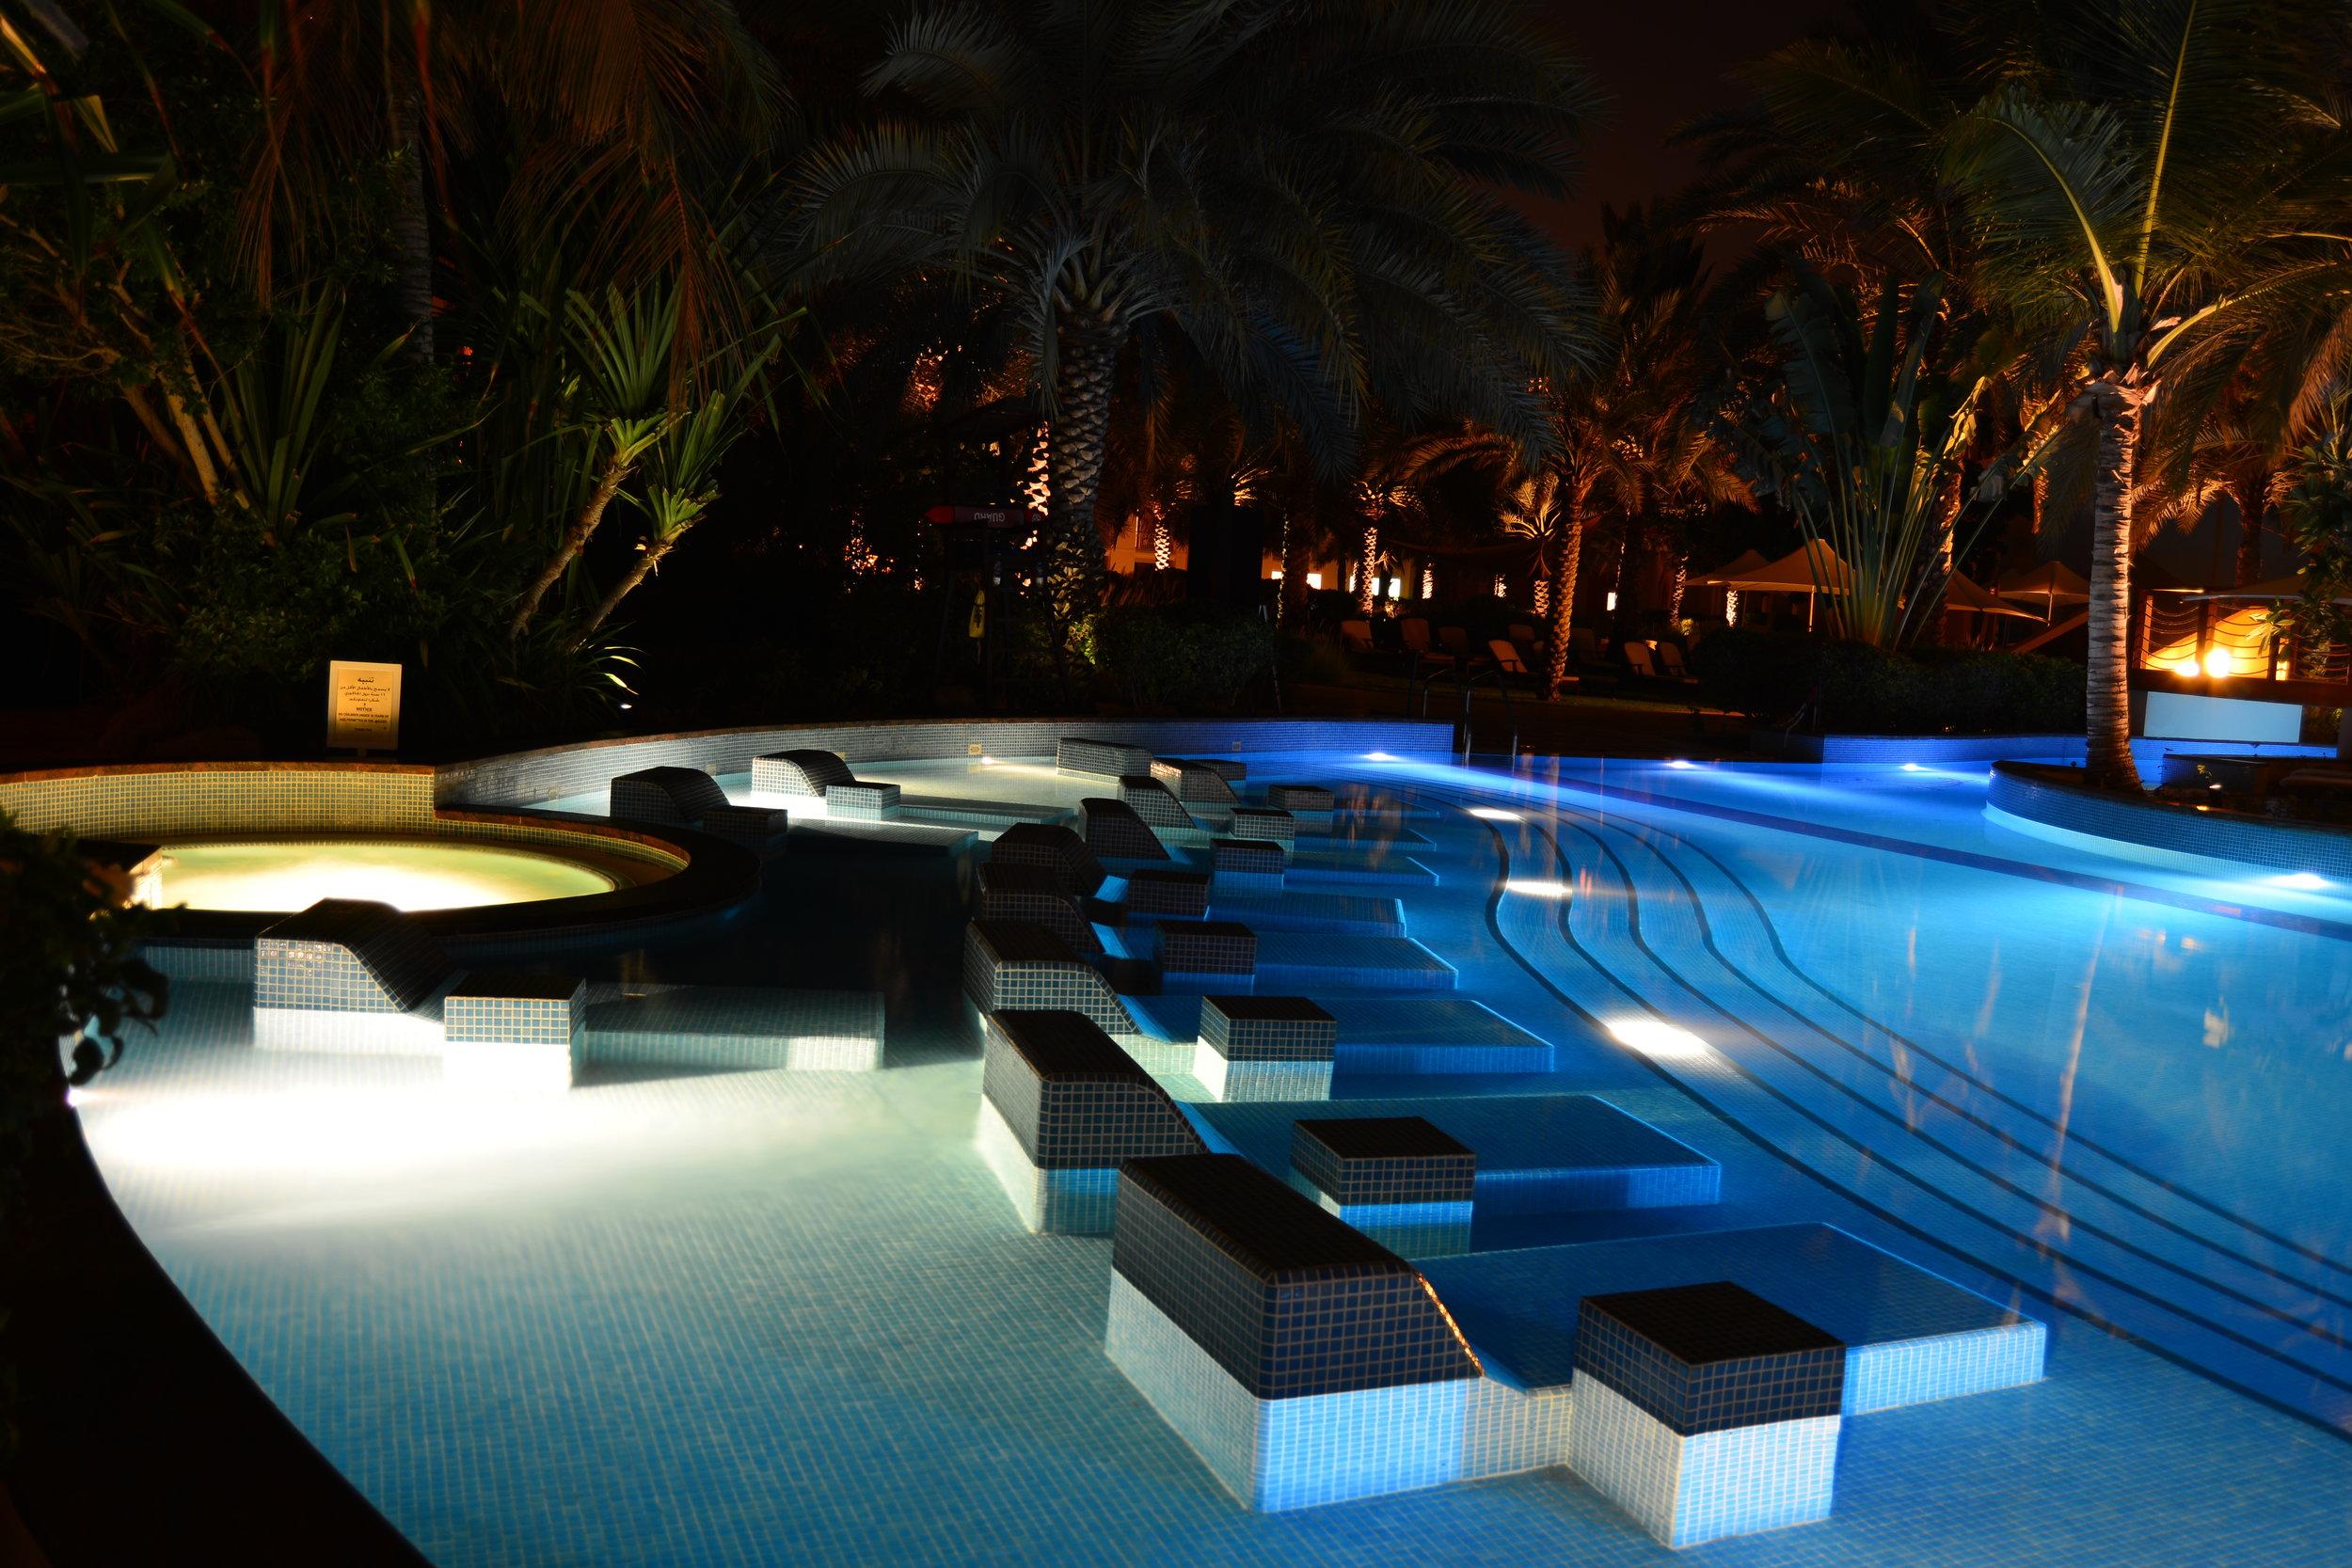 Al Bandar - Pool at Night (Shangri-La Muscat)